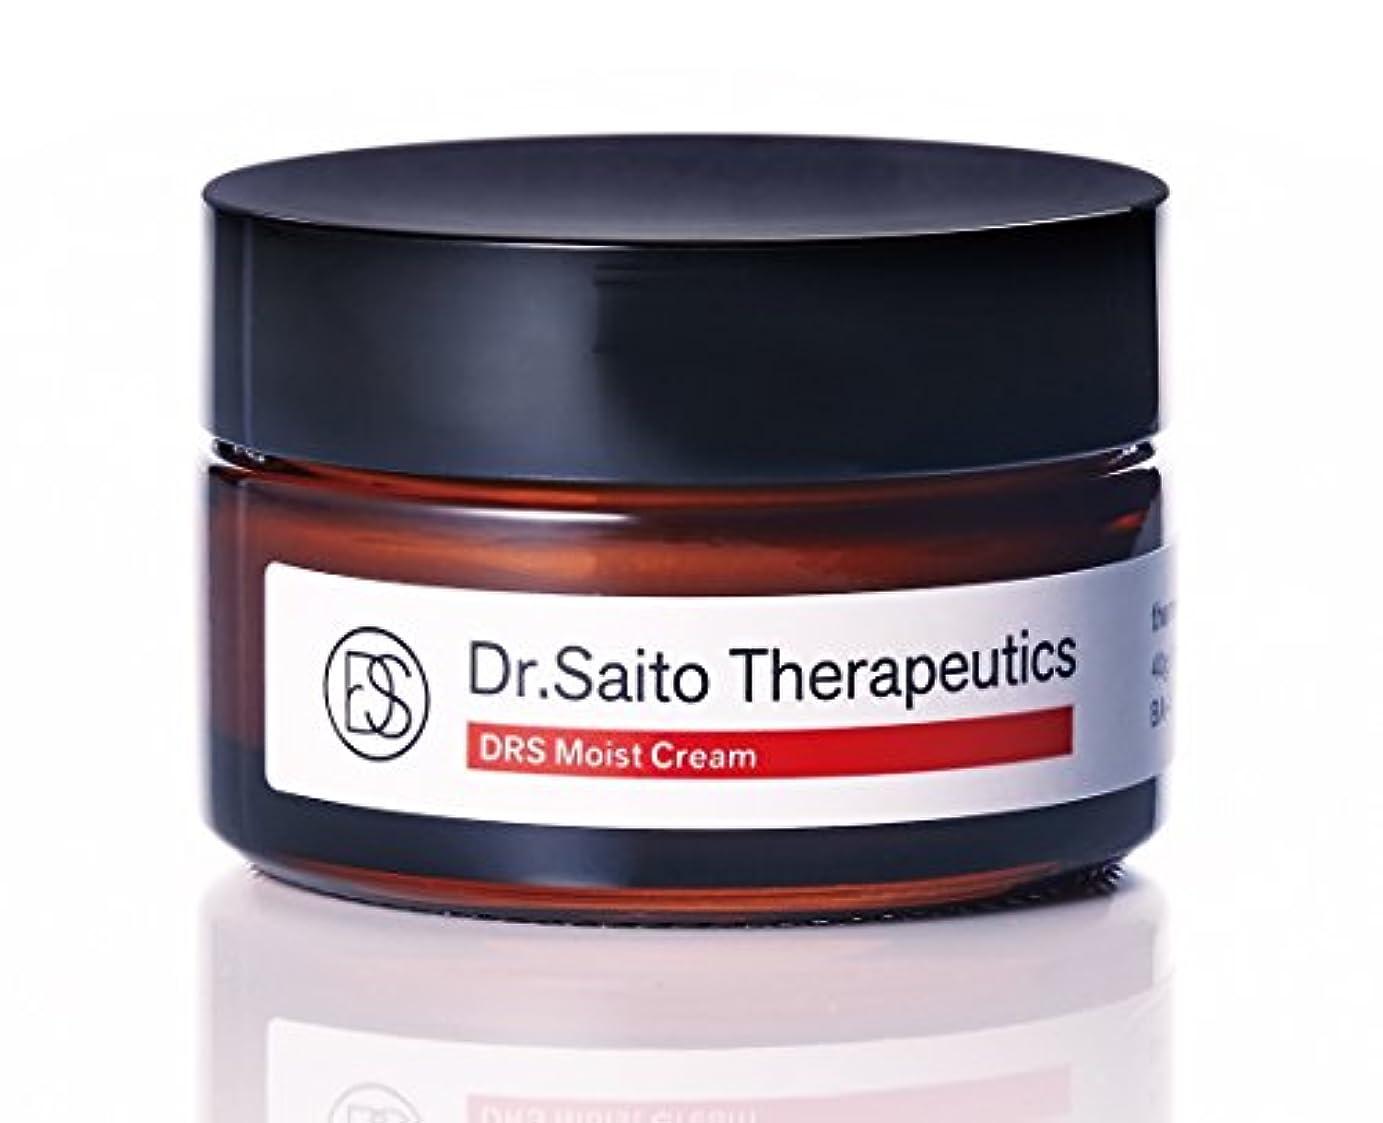 がっかりしたためにメンタル日本機能性医学研究所 Dr.Saito Therapeutics「DRS保湿クリーム」40g